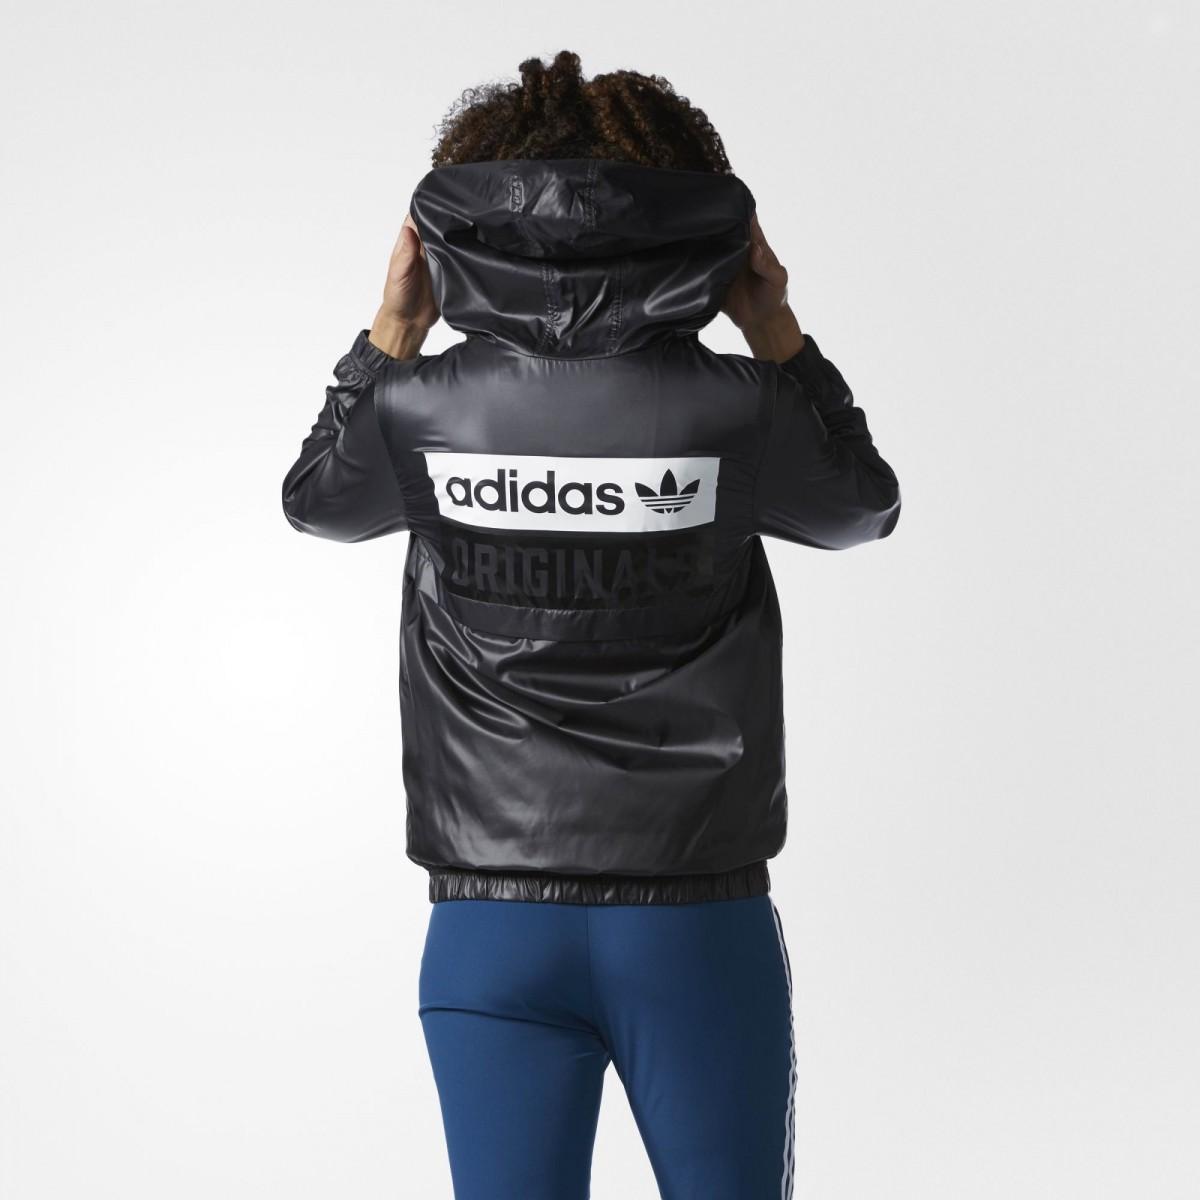 giacca a vento adidas donna